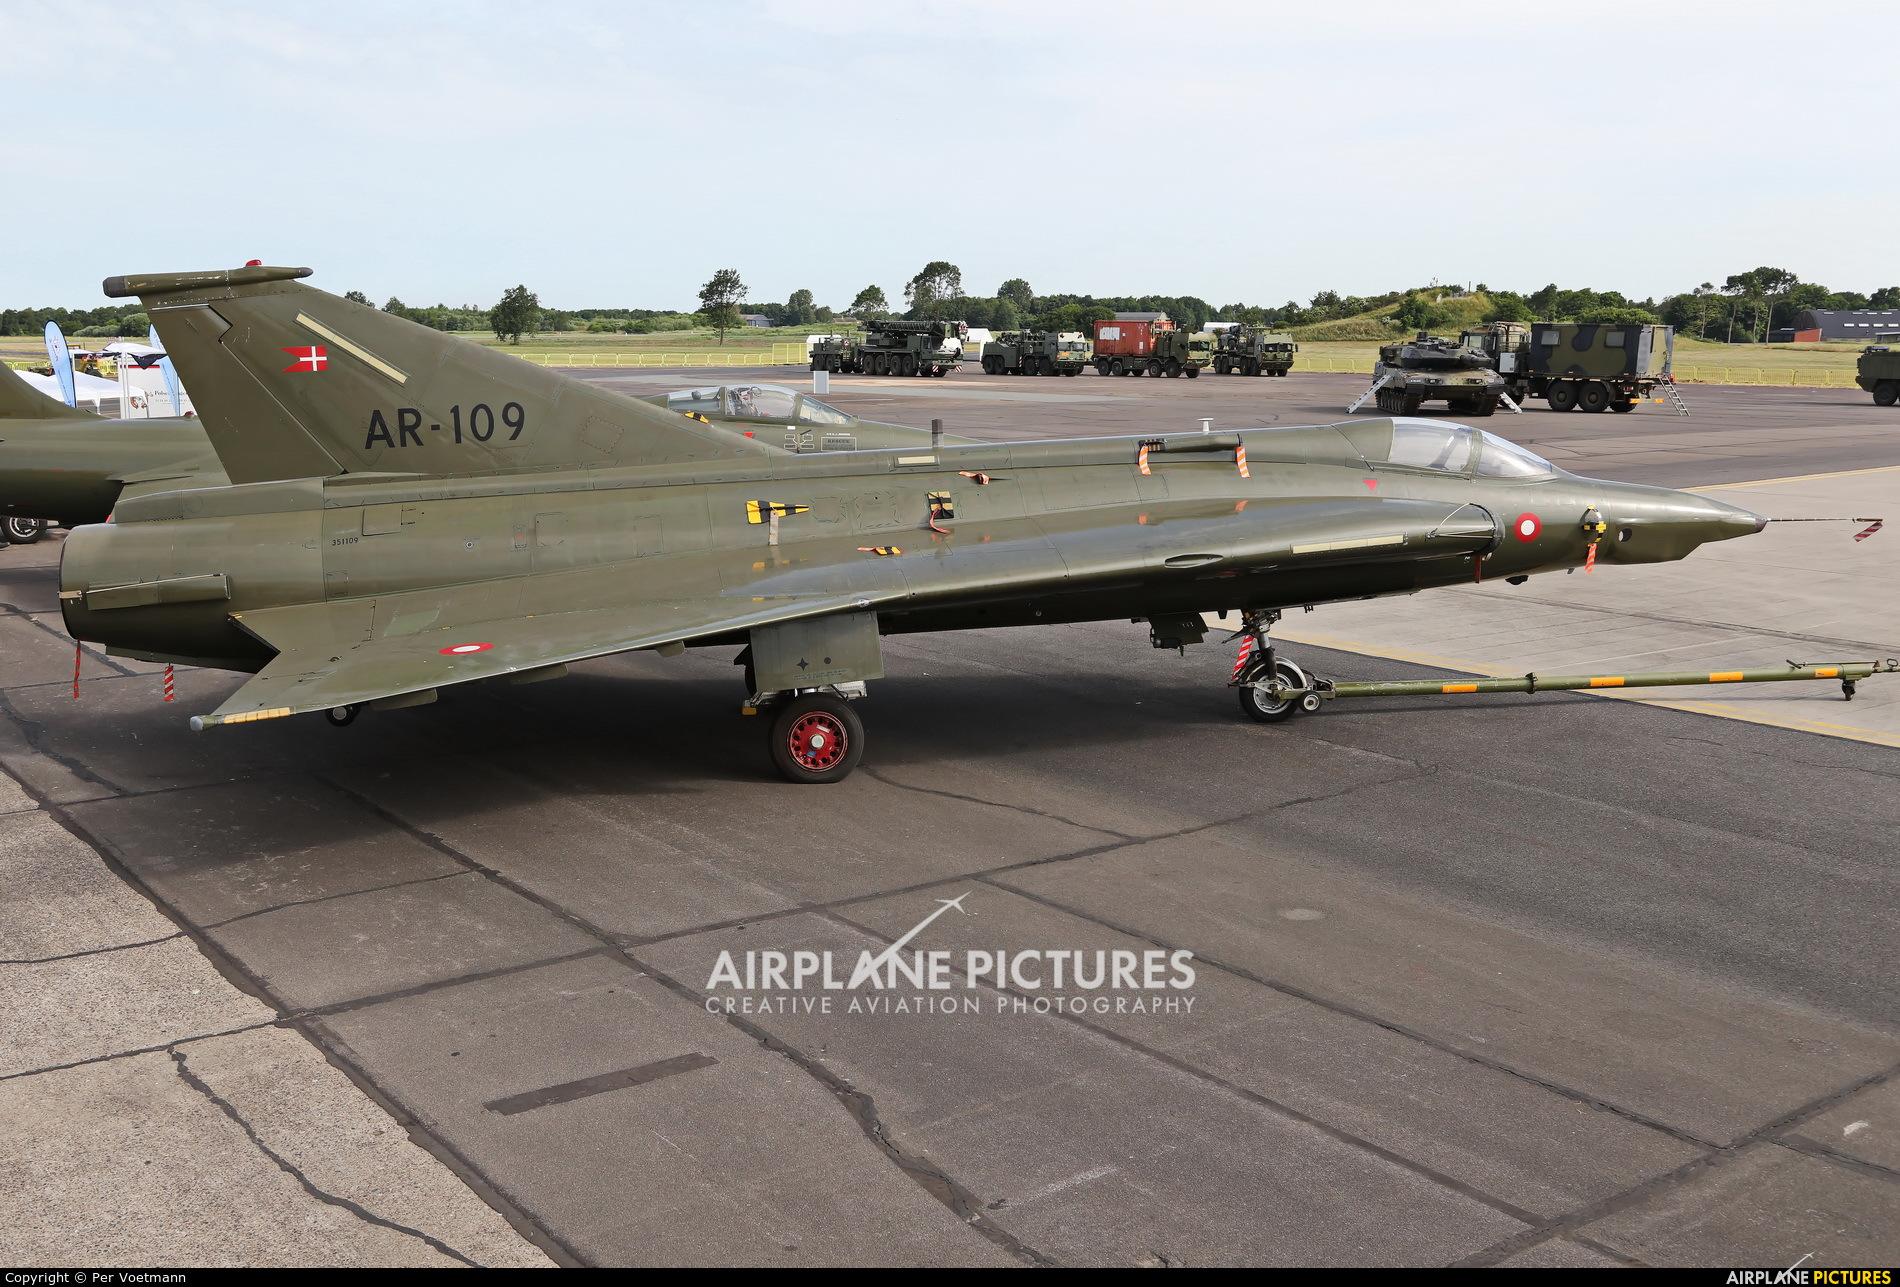 Denmark - Air Force AR-109 aircraft at Aalborg